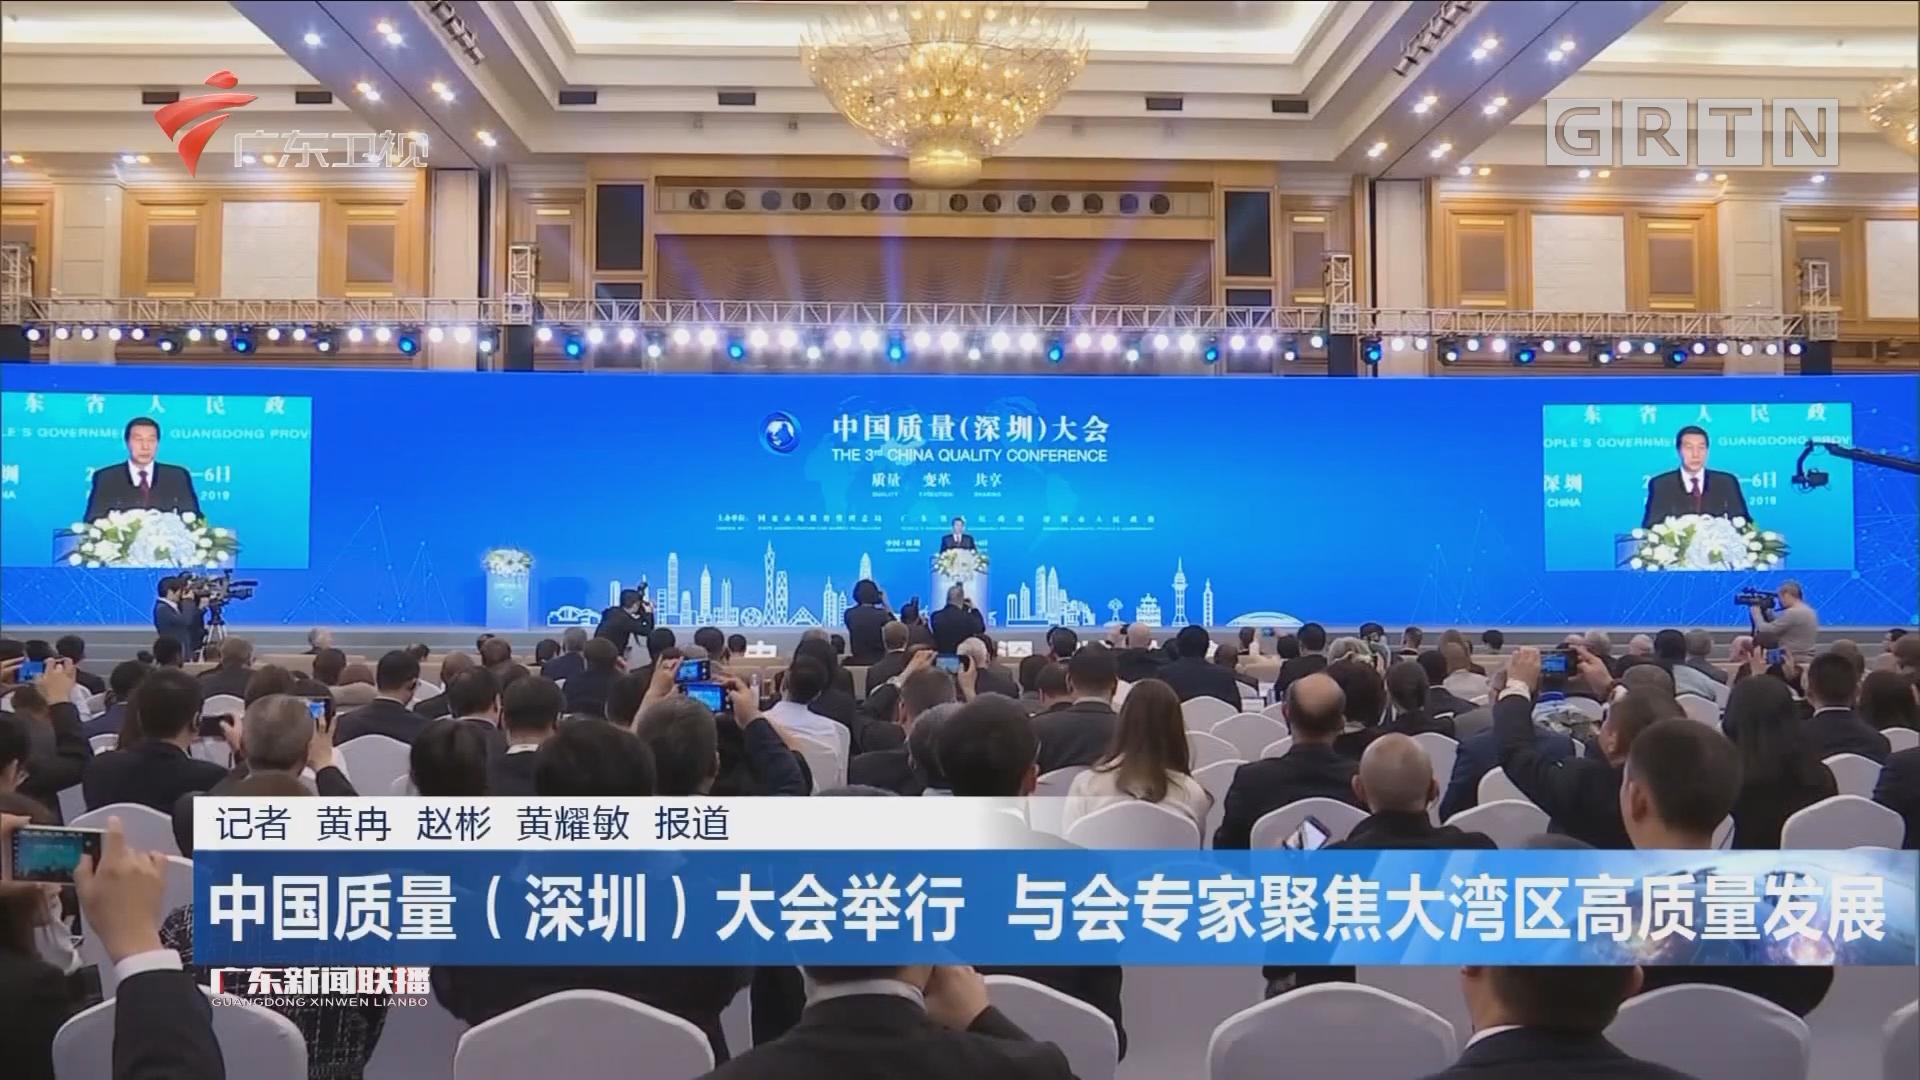 中国质量(深圳)大会举行 与会专家聚焦大湾区高质量发展